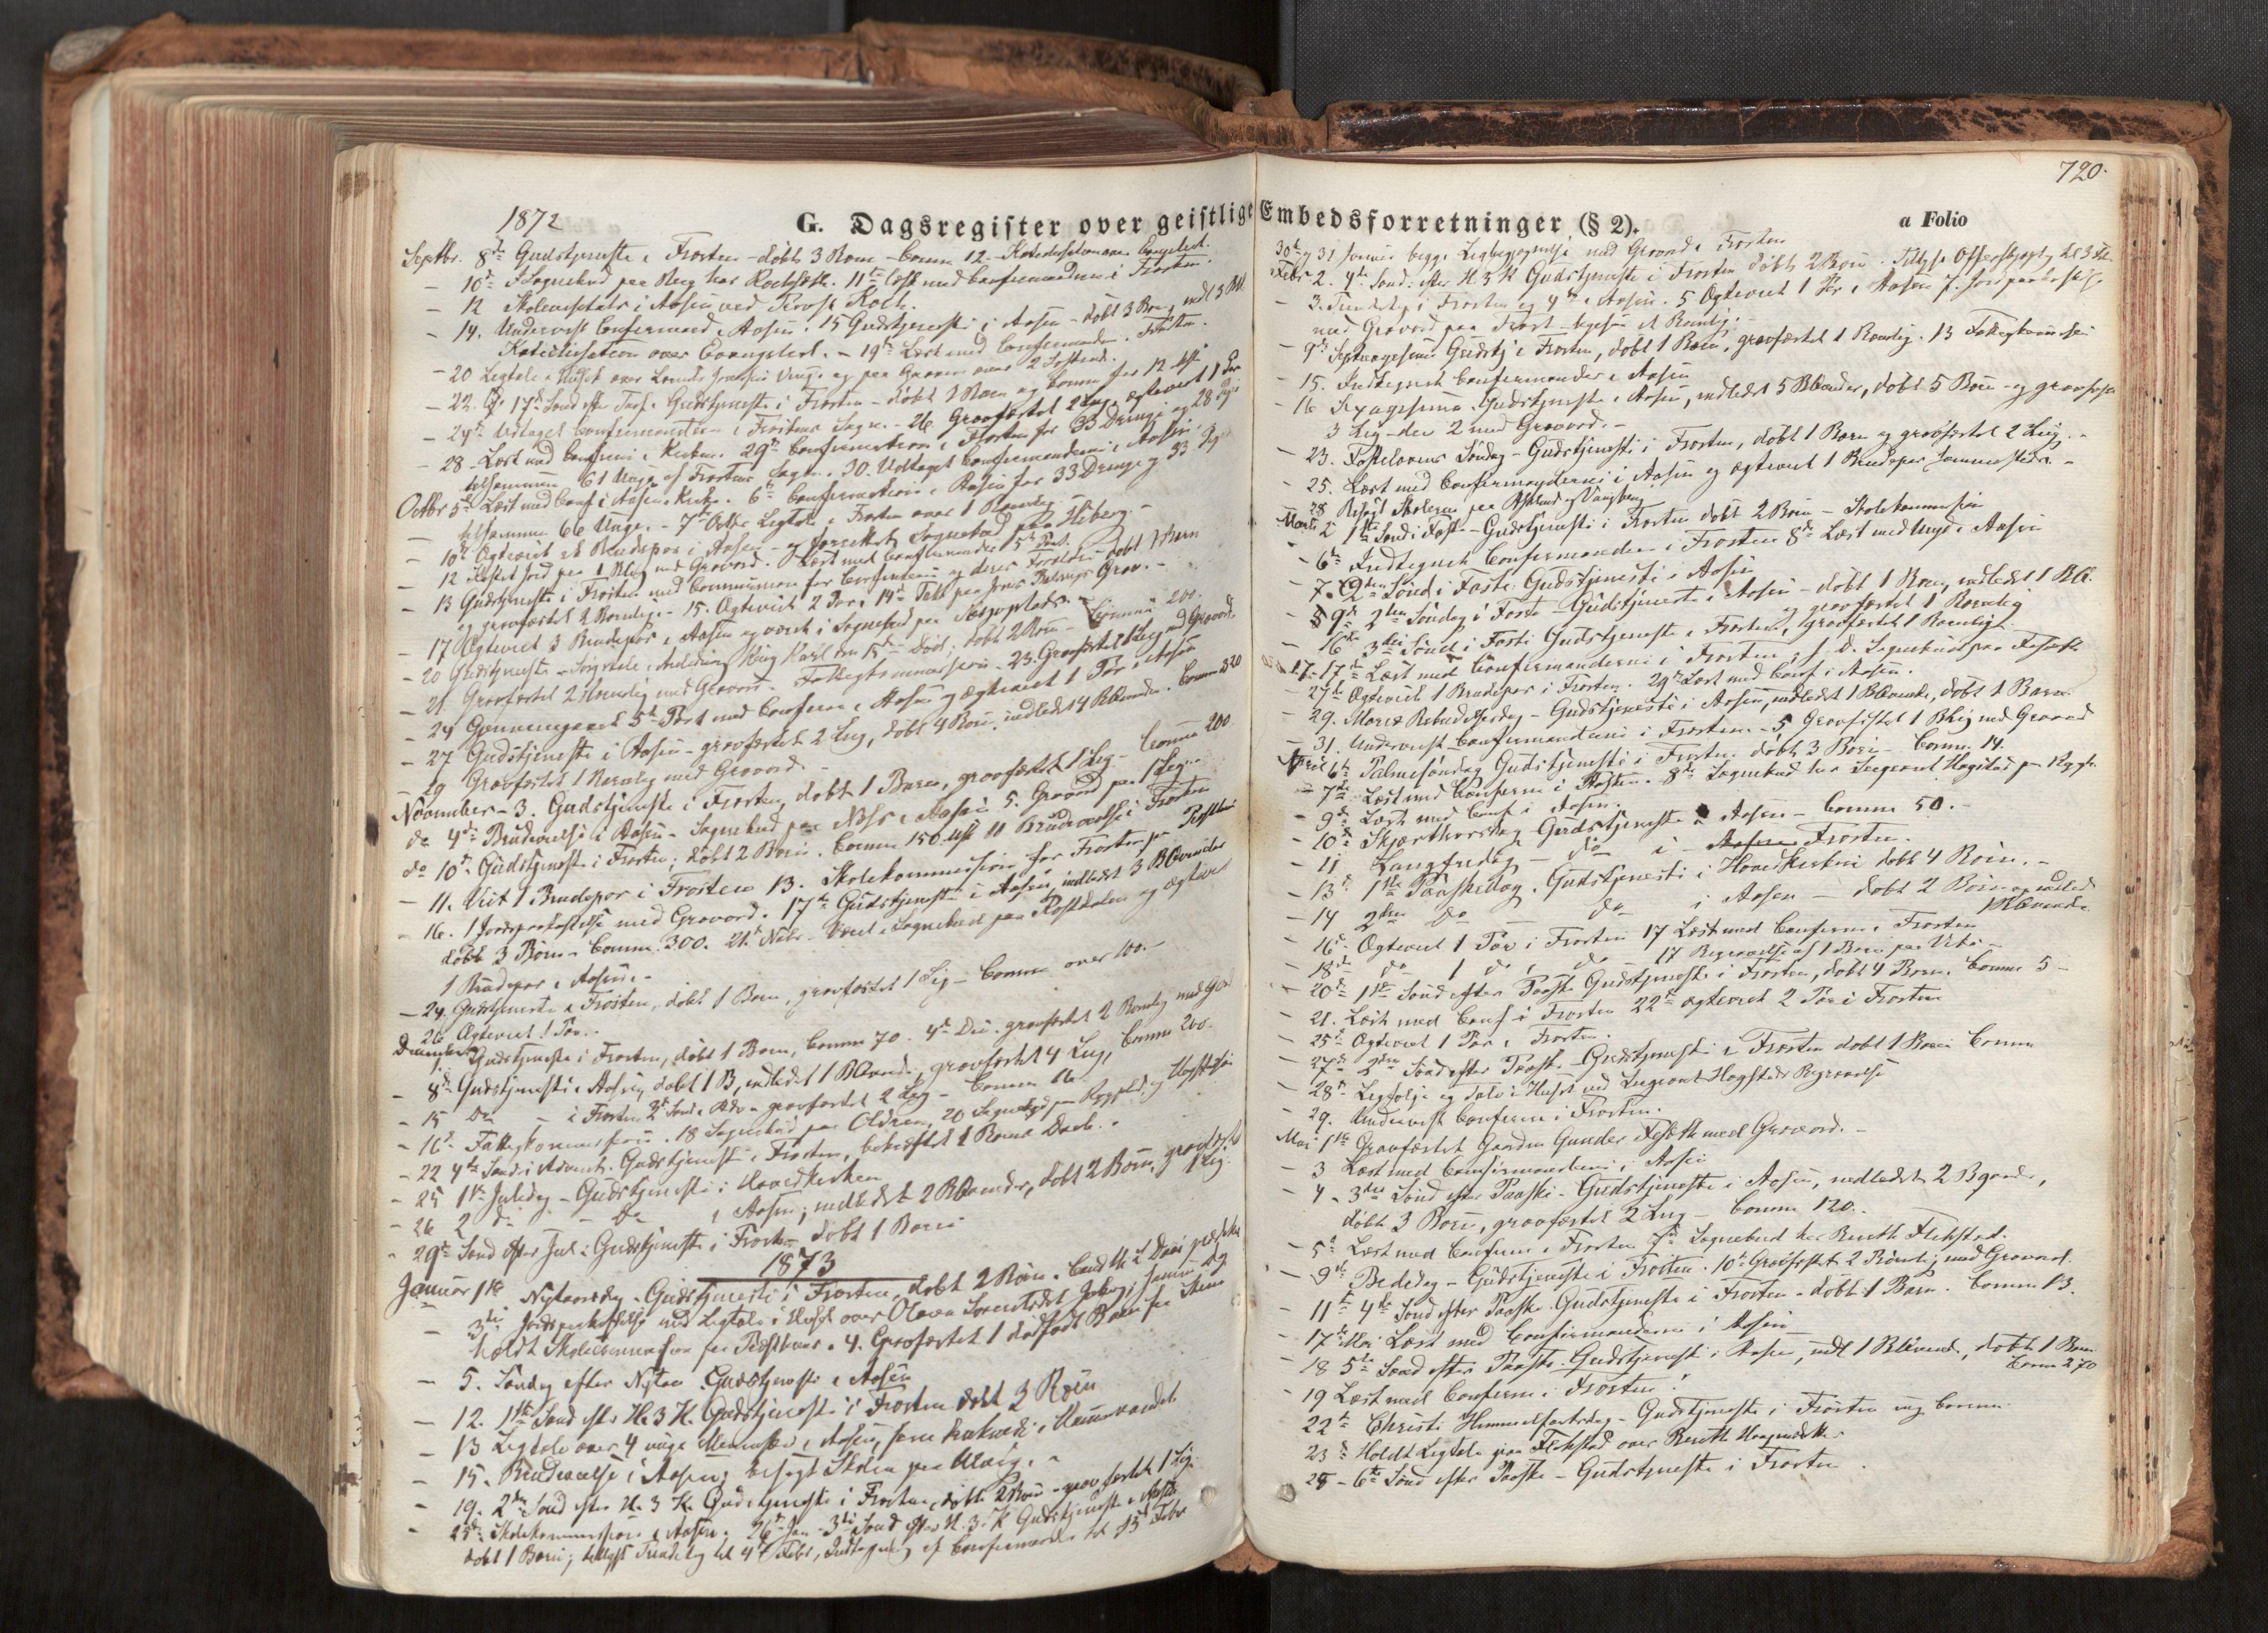 SAT, Ministerialprotokoller, klokkerbøker og fødselsregistre - Nord-Trøndelag, 713/L0116: Ministerialbok nr. 713A07, 1850-1877, s. 720